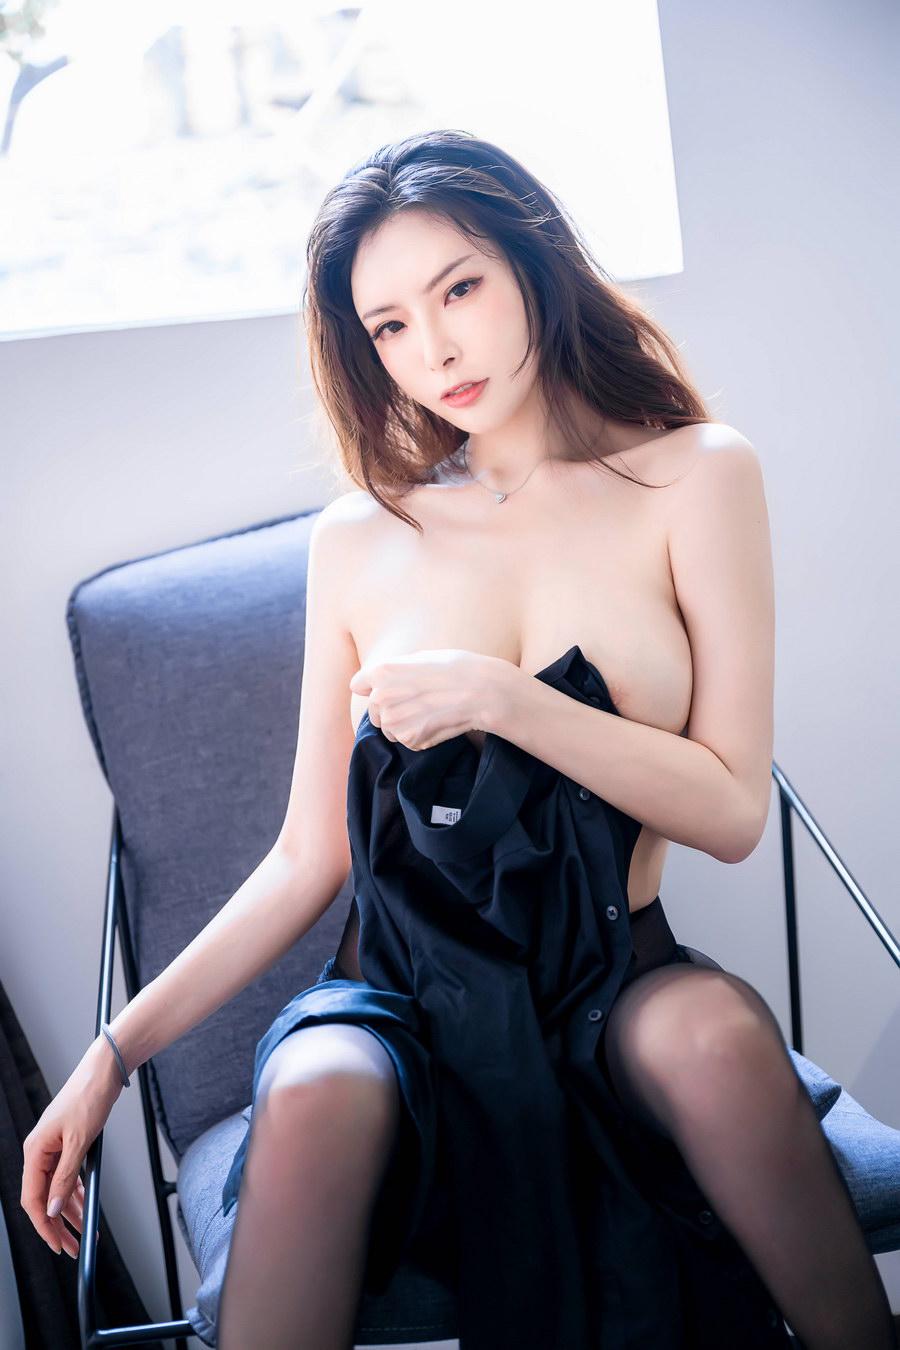 秋和柯基 - 黑色衬衫 [38P803M]